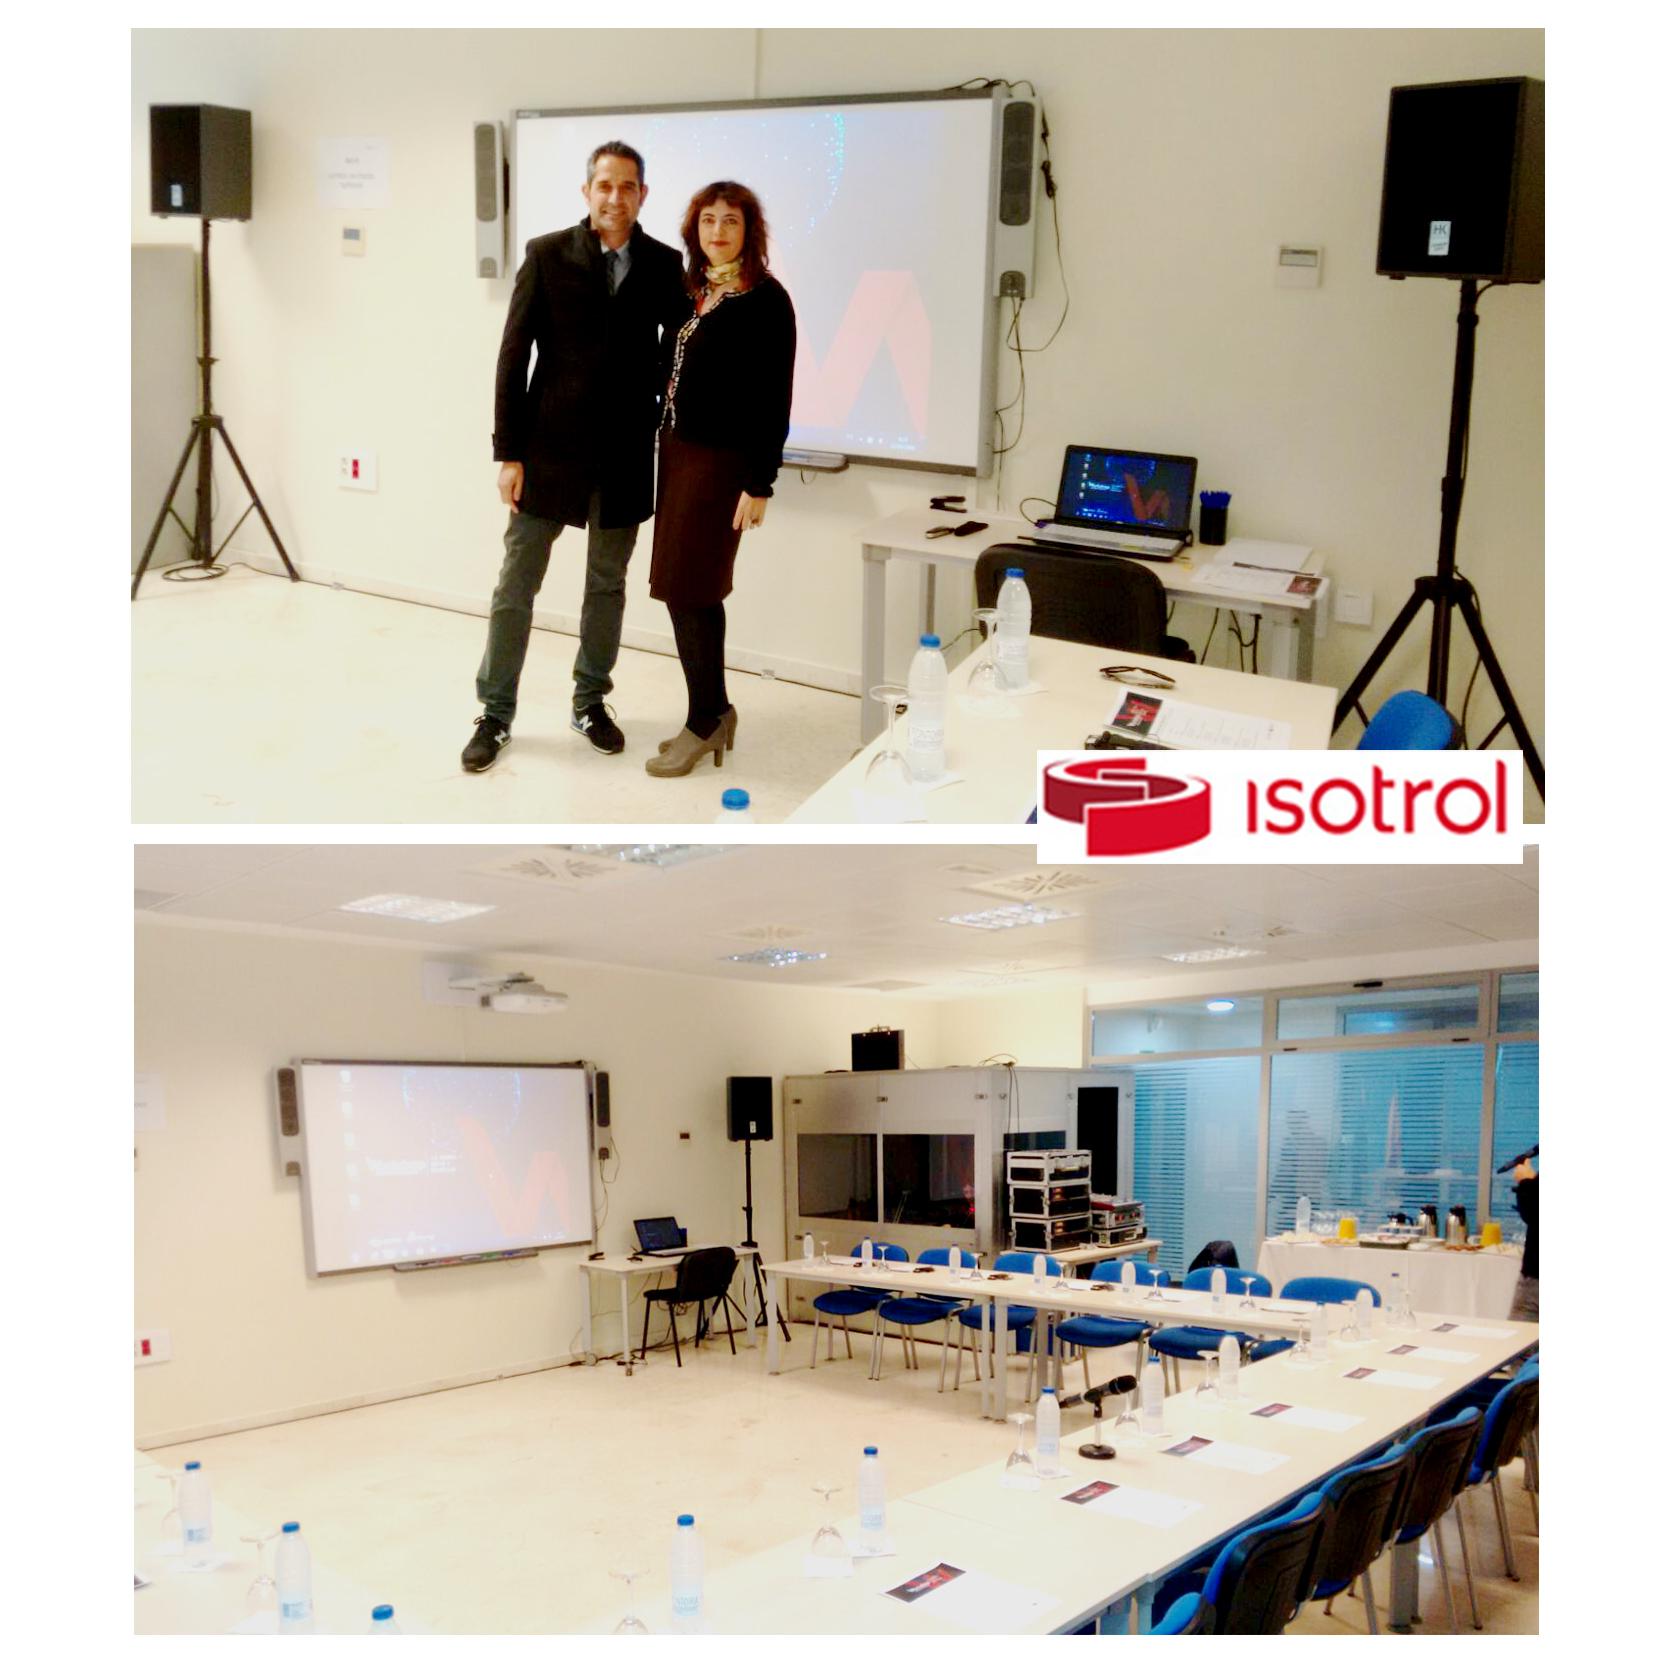 Novalo team at Isotrol in Seville.